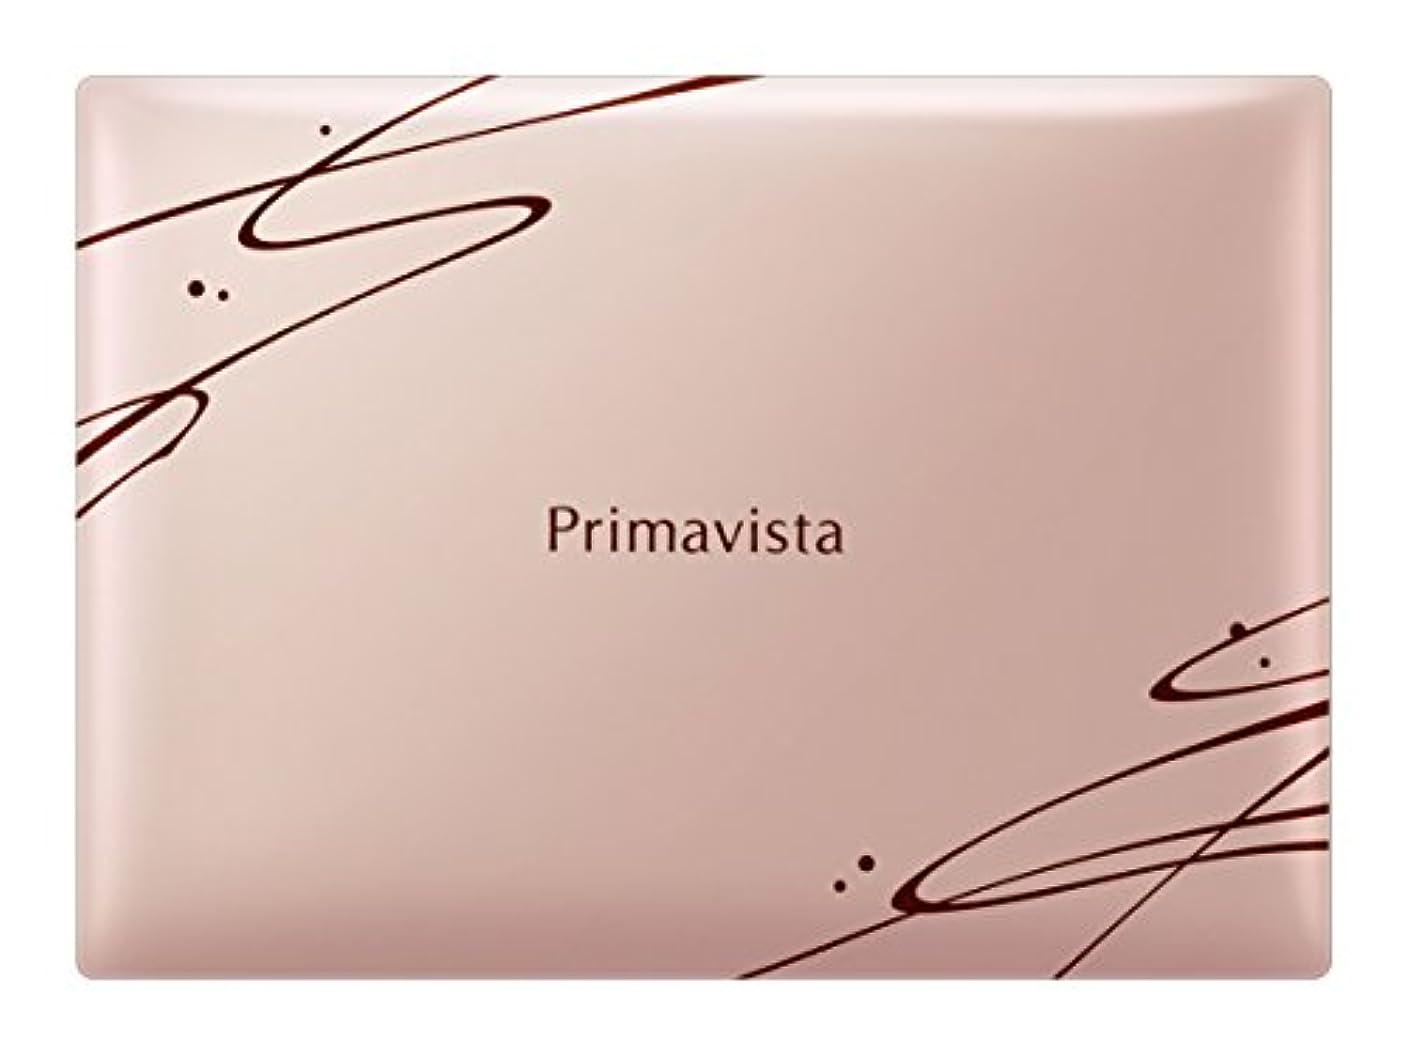 東ティモール摘む司書ソフィーナ プリマヴィスタ きれいな素肌質感パウダーファンデーション(オークル03)+限定デザインコンパクト